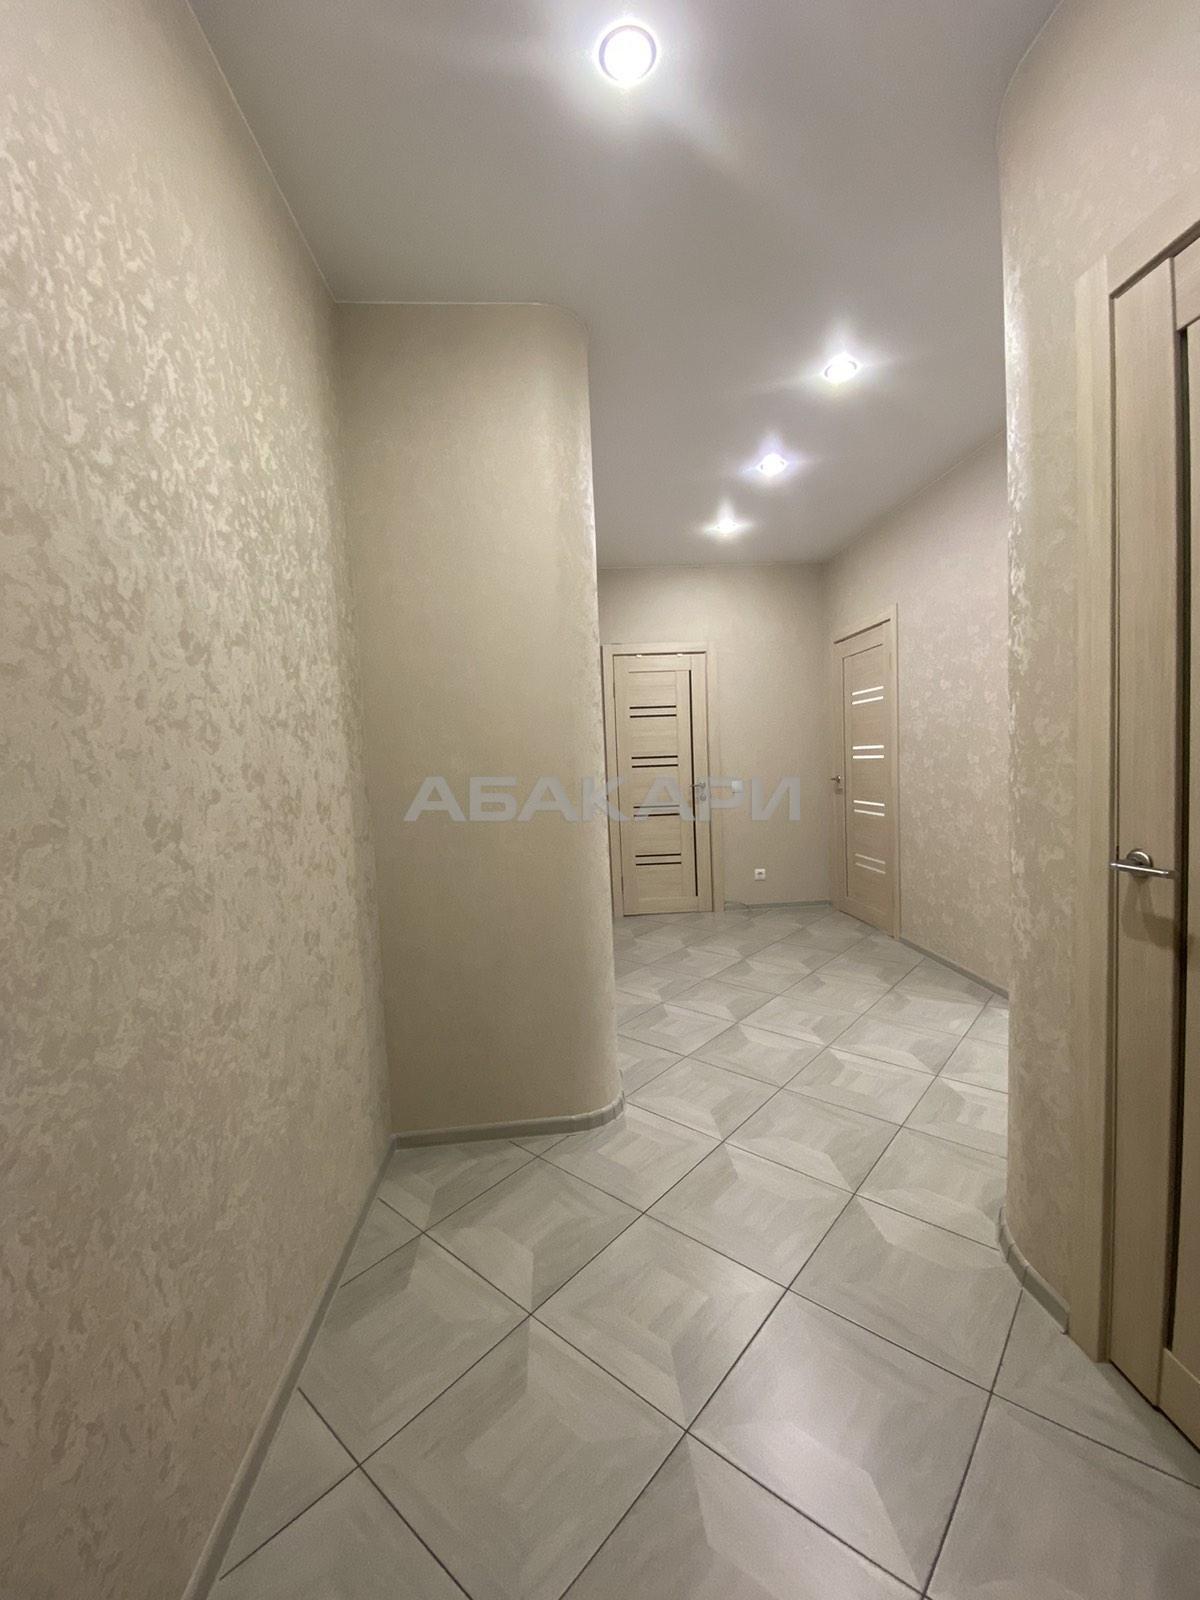 1к квартира Комсомольский проспект, 20   19000   аренда в Красноярске фото 5